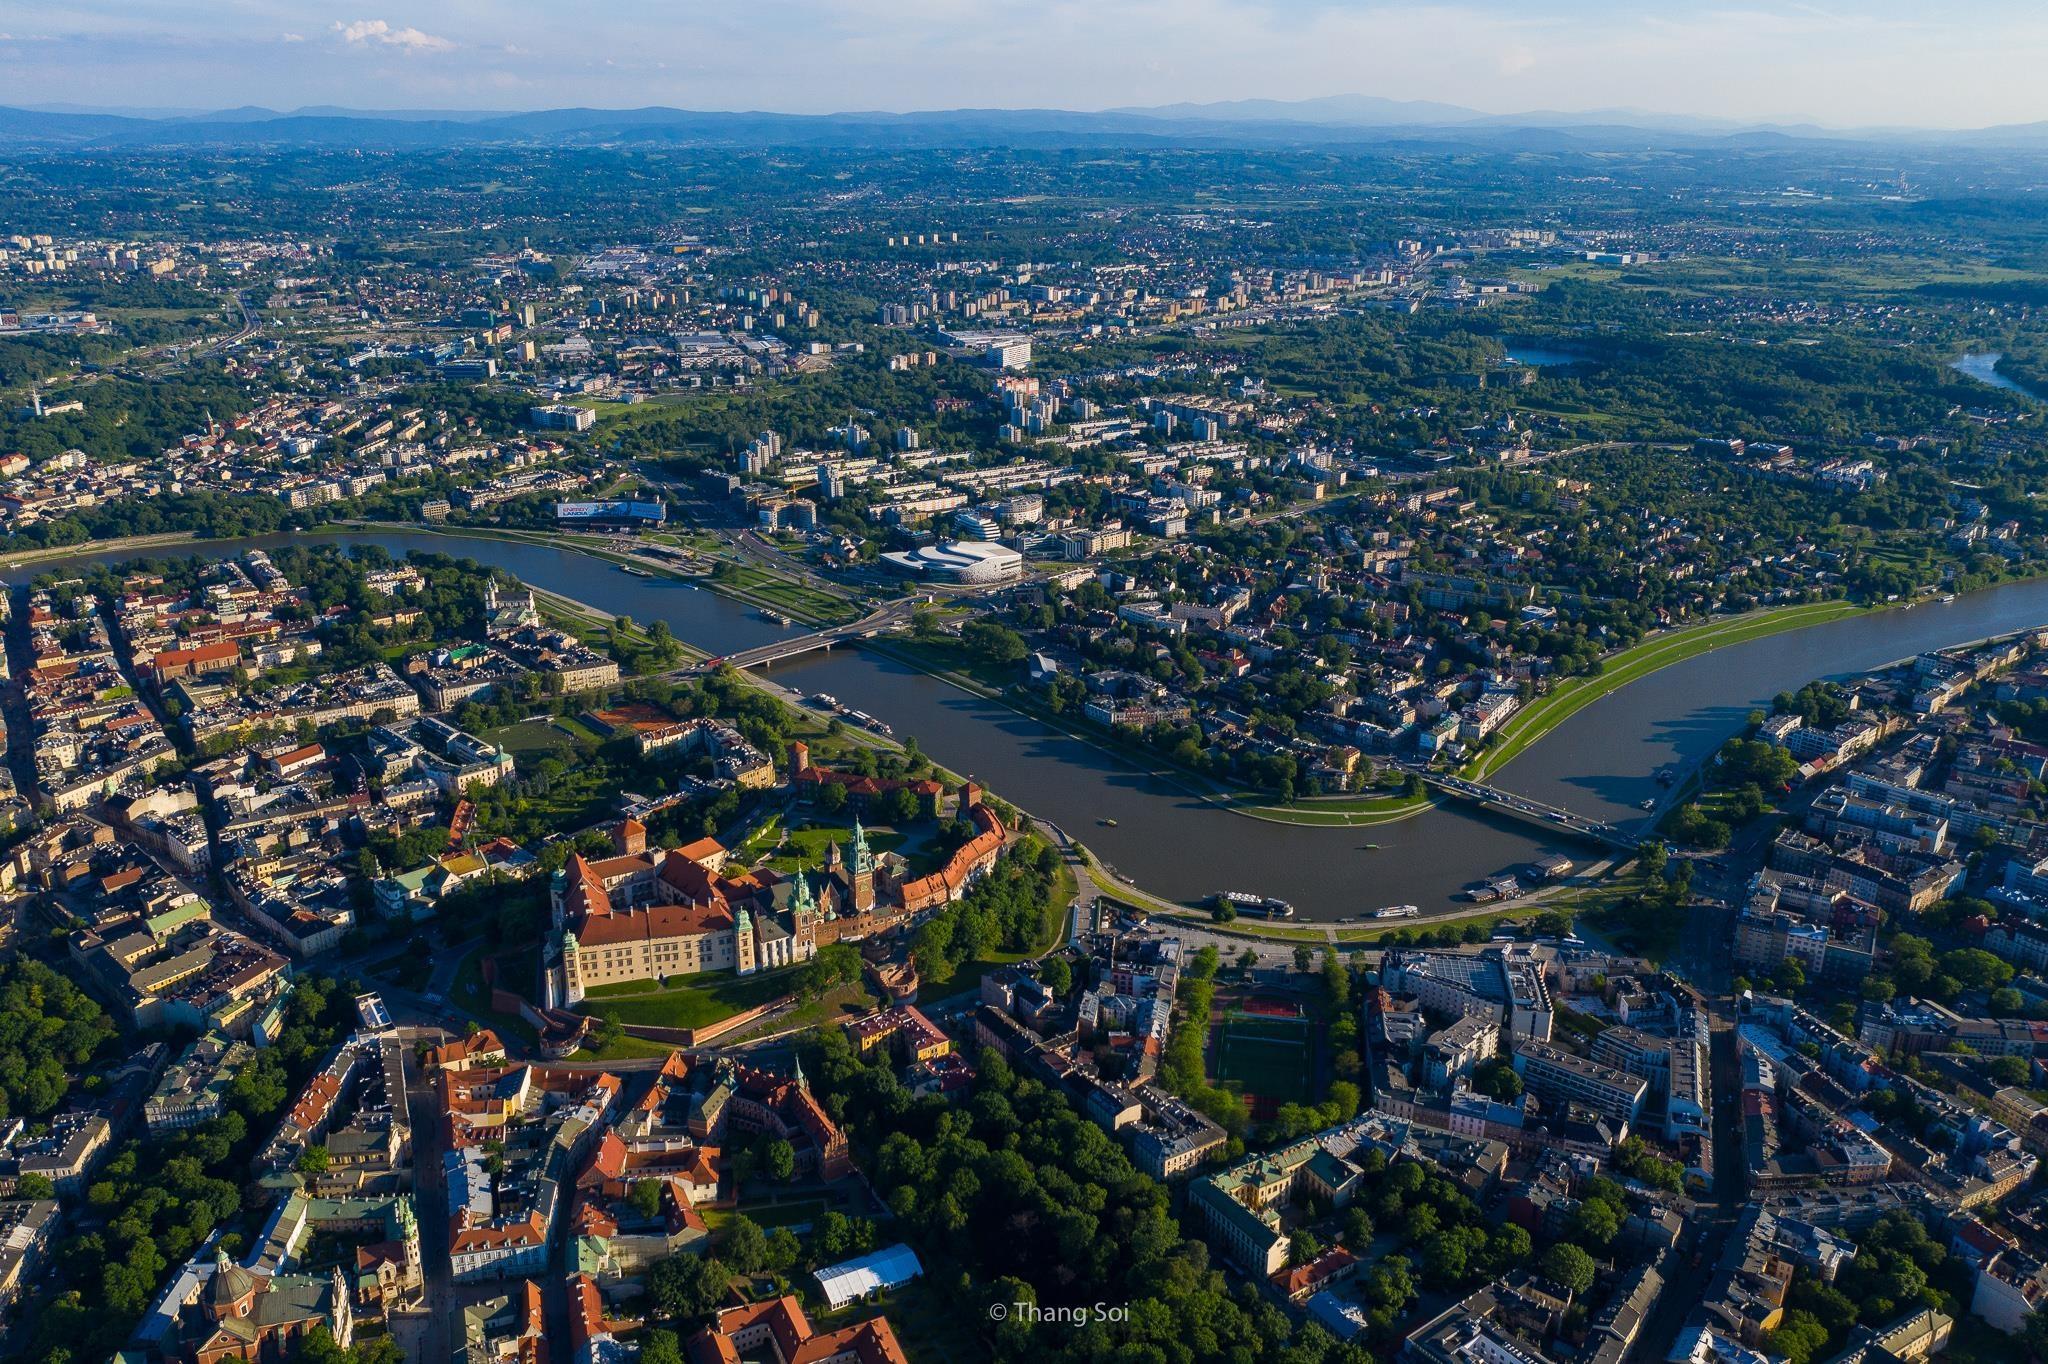 Krakow, kinh do co phai ghe tham khi den Ba Lan hinh anh 1